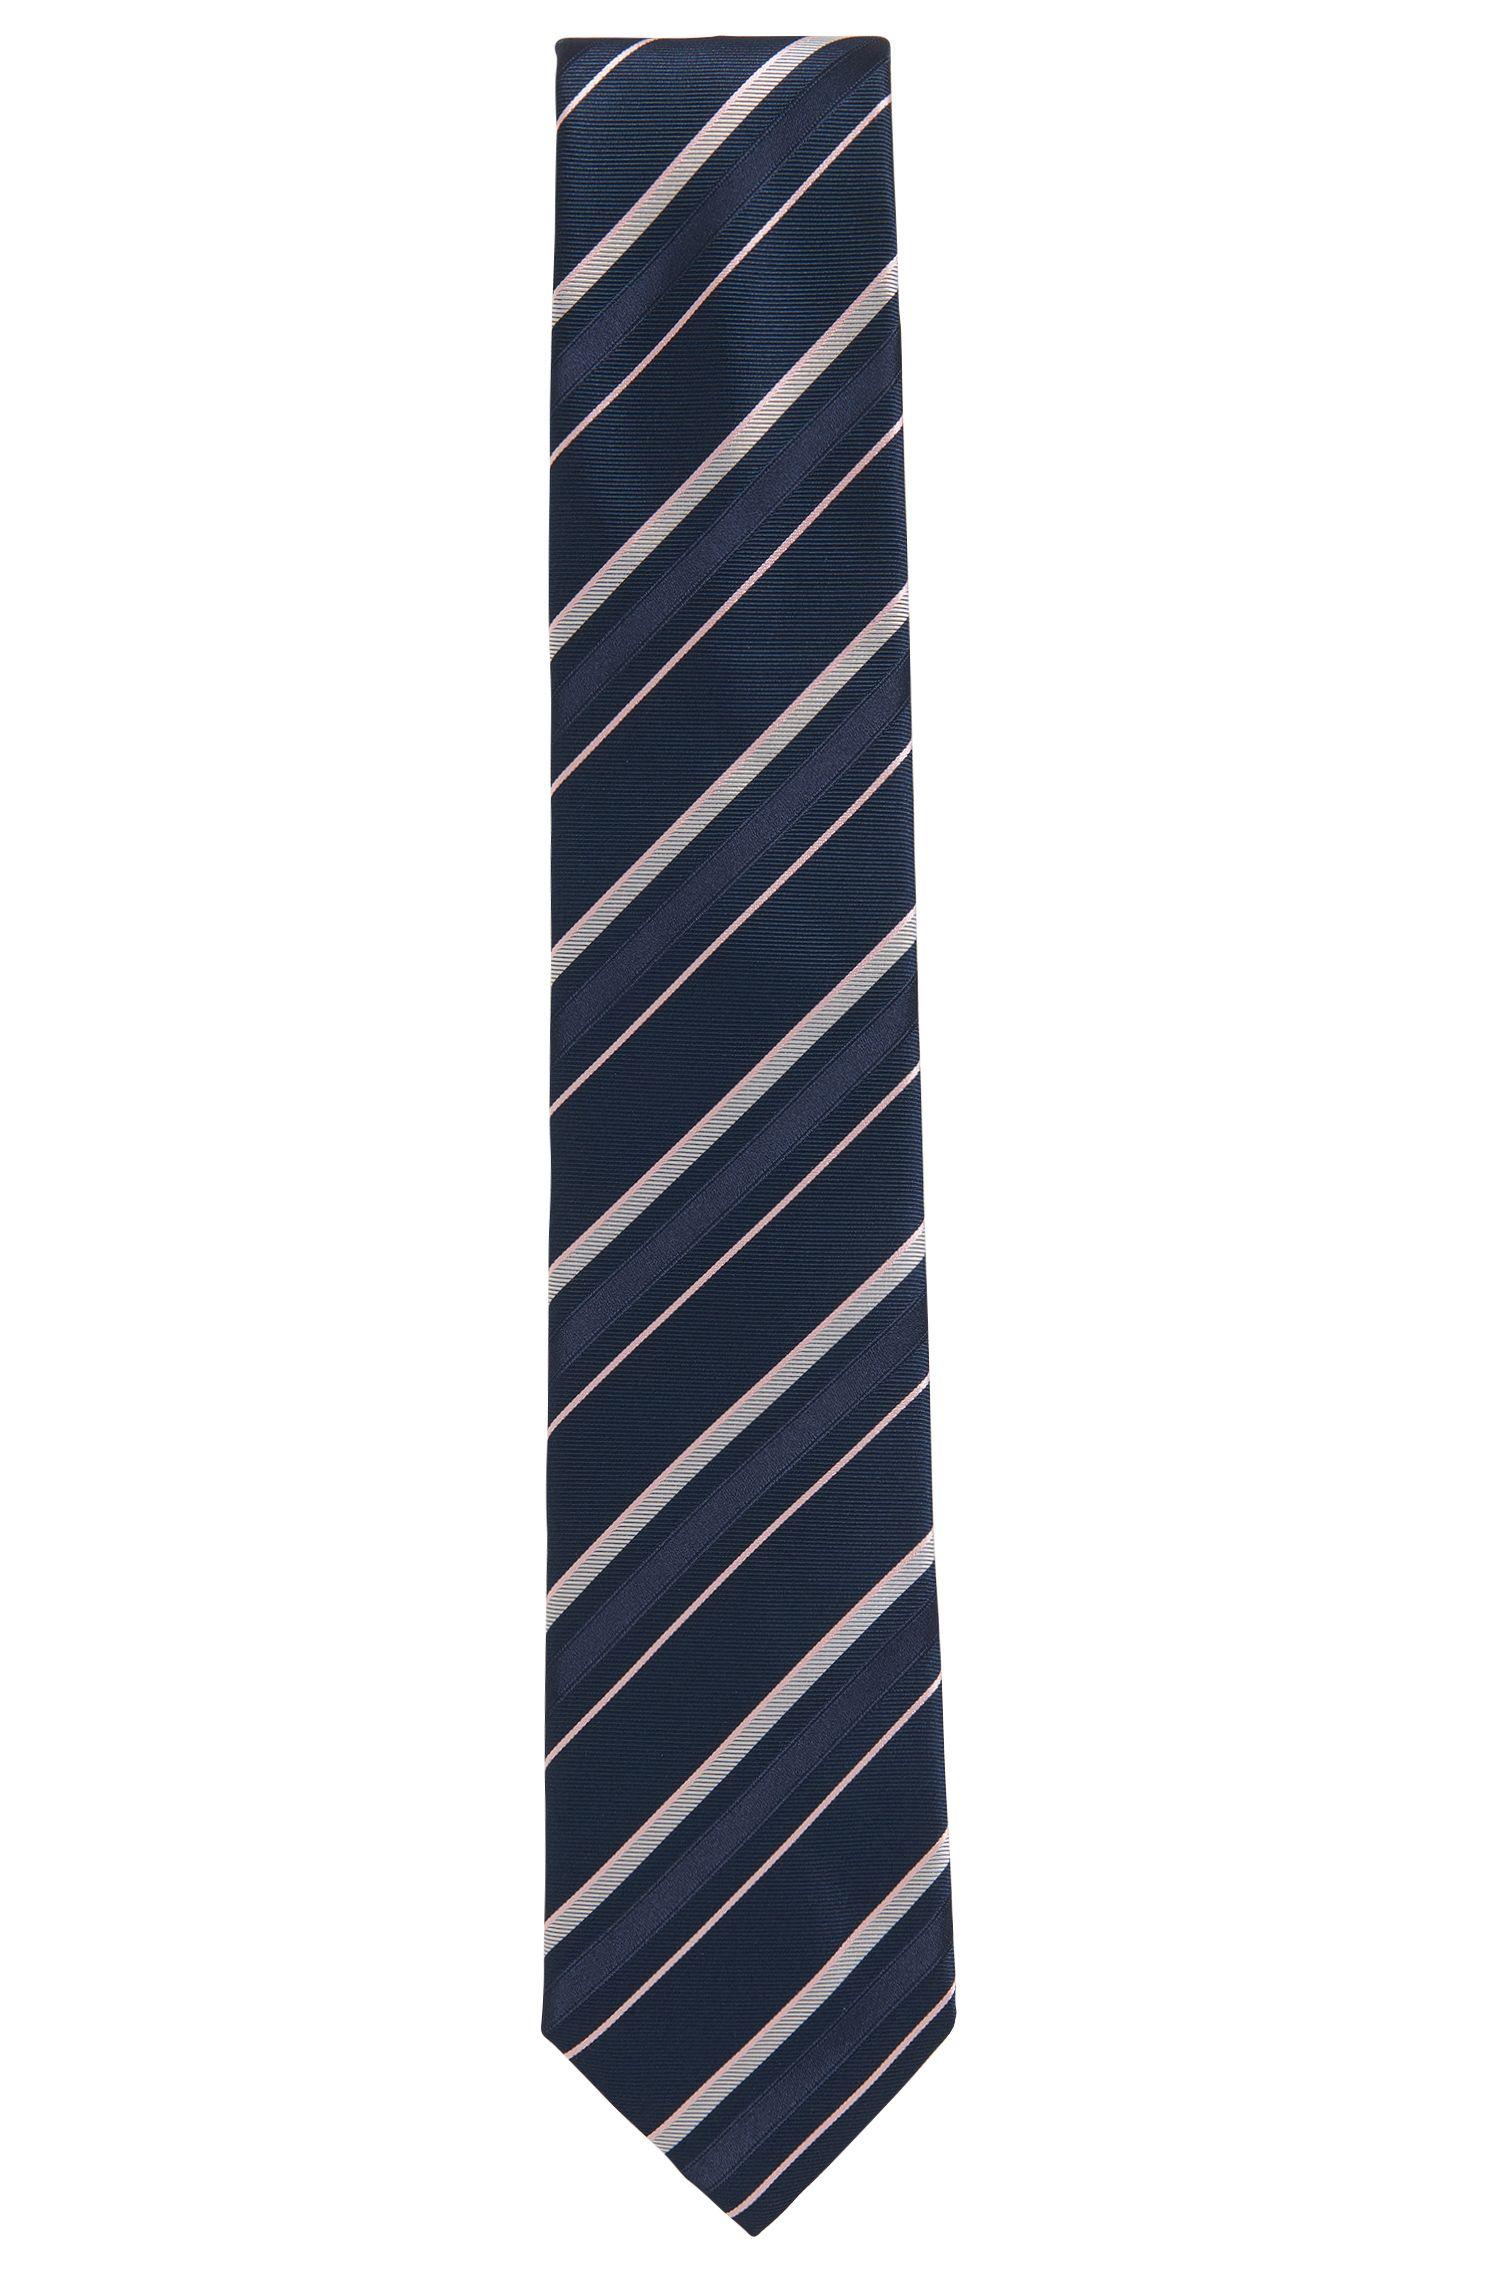 Cravate en jacquard de soie à rayures asymétriques